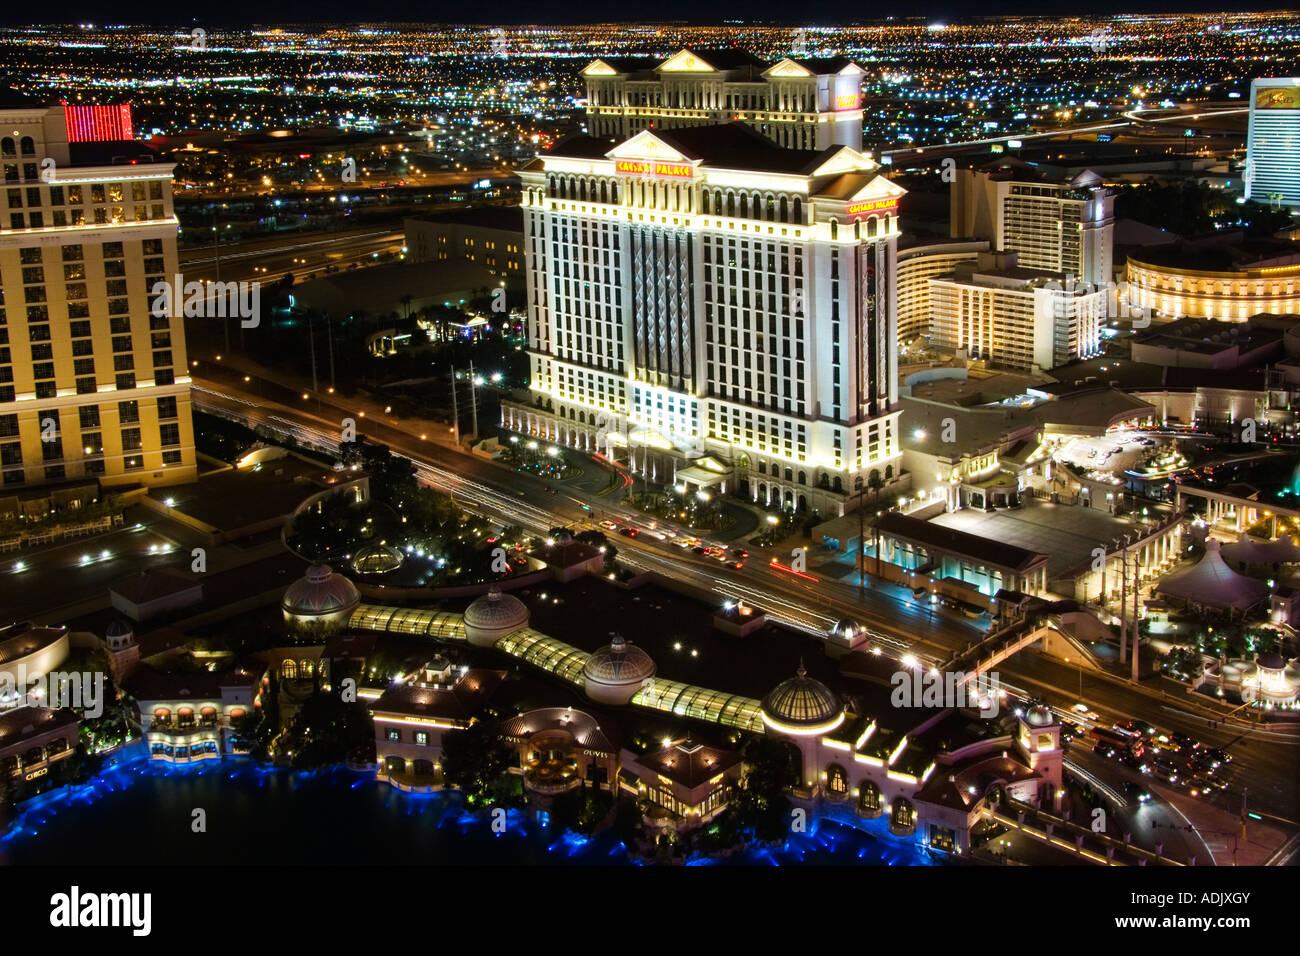 USA Nevada Las Vegas Caesers Palace Casino on The Strip at night Stock Photo